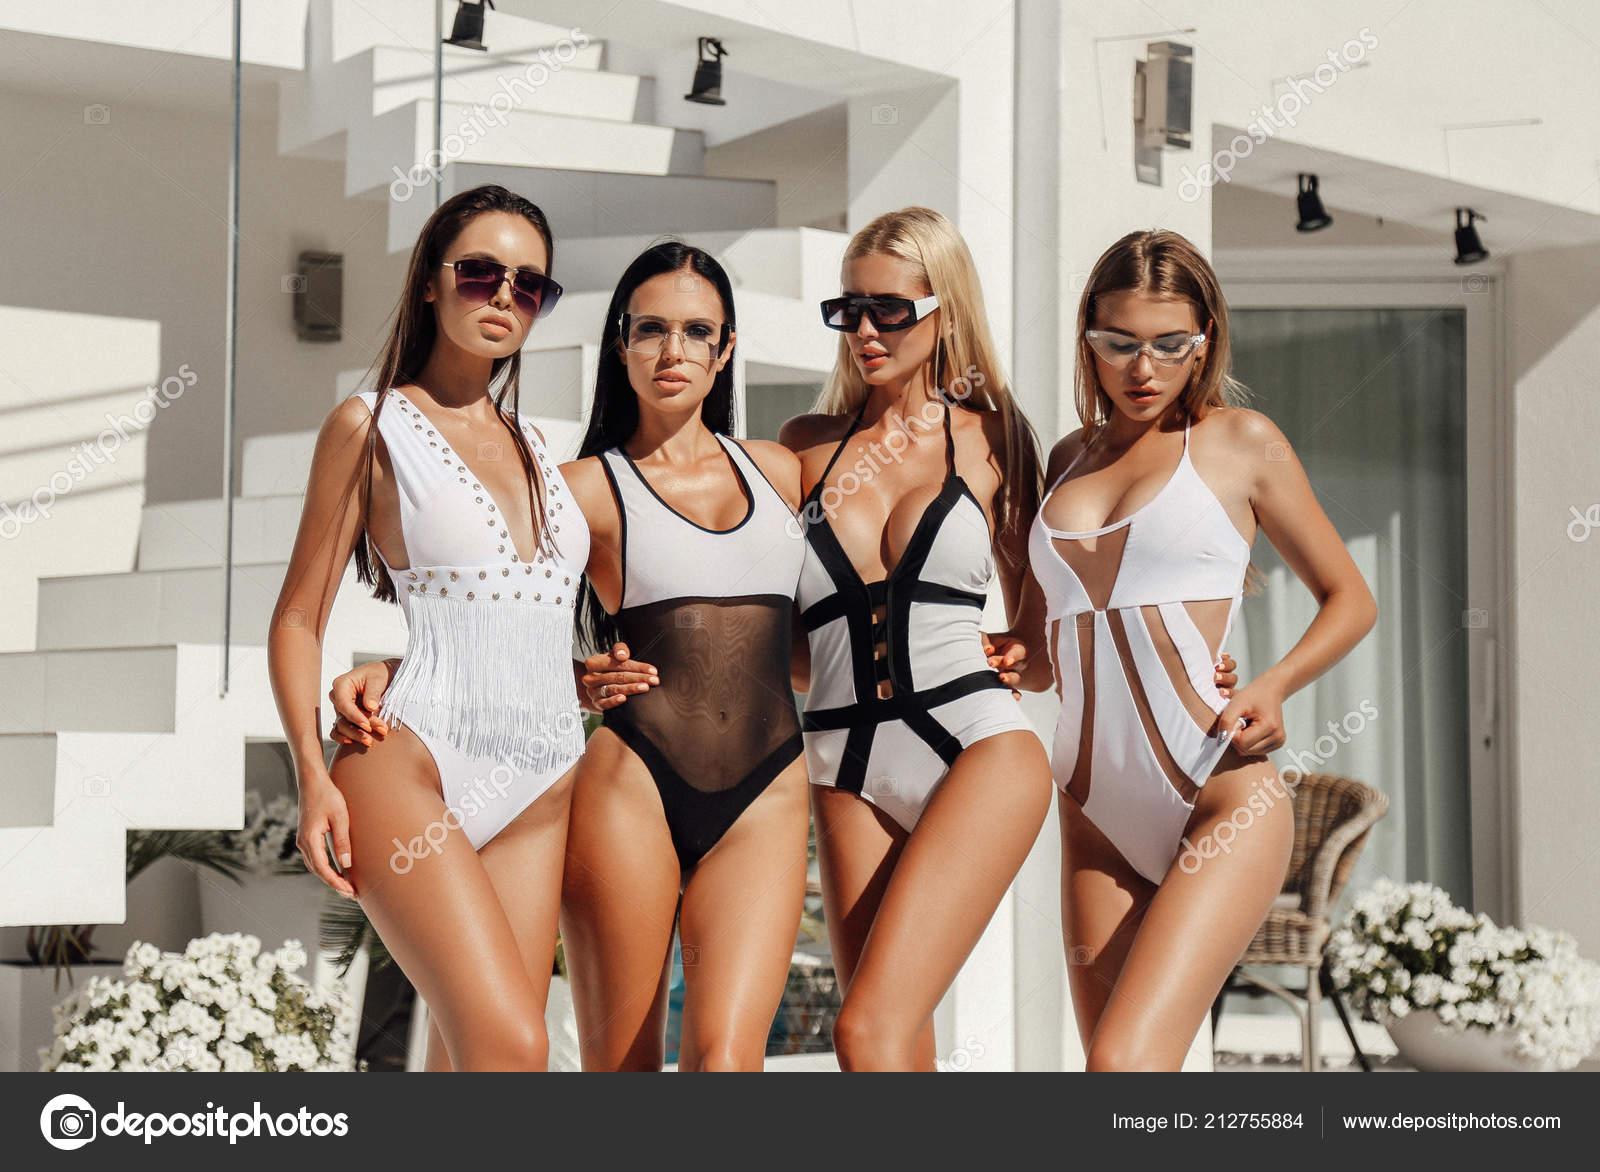 Gruppe von sexy Frauen Hotel